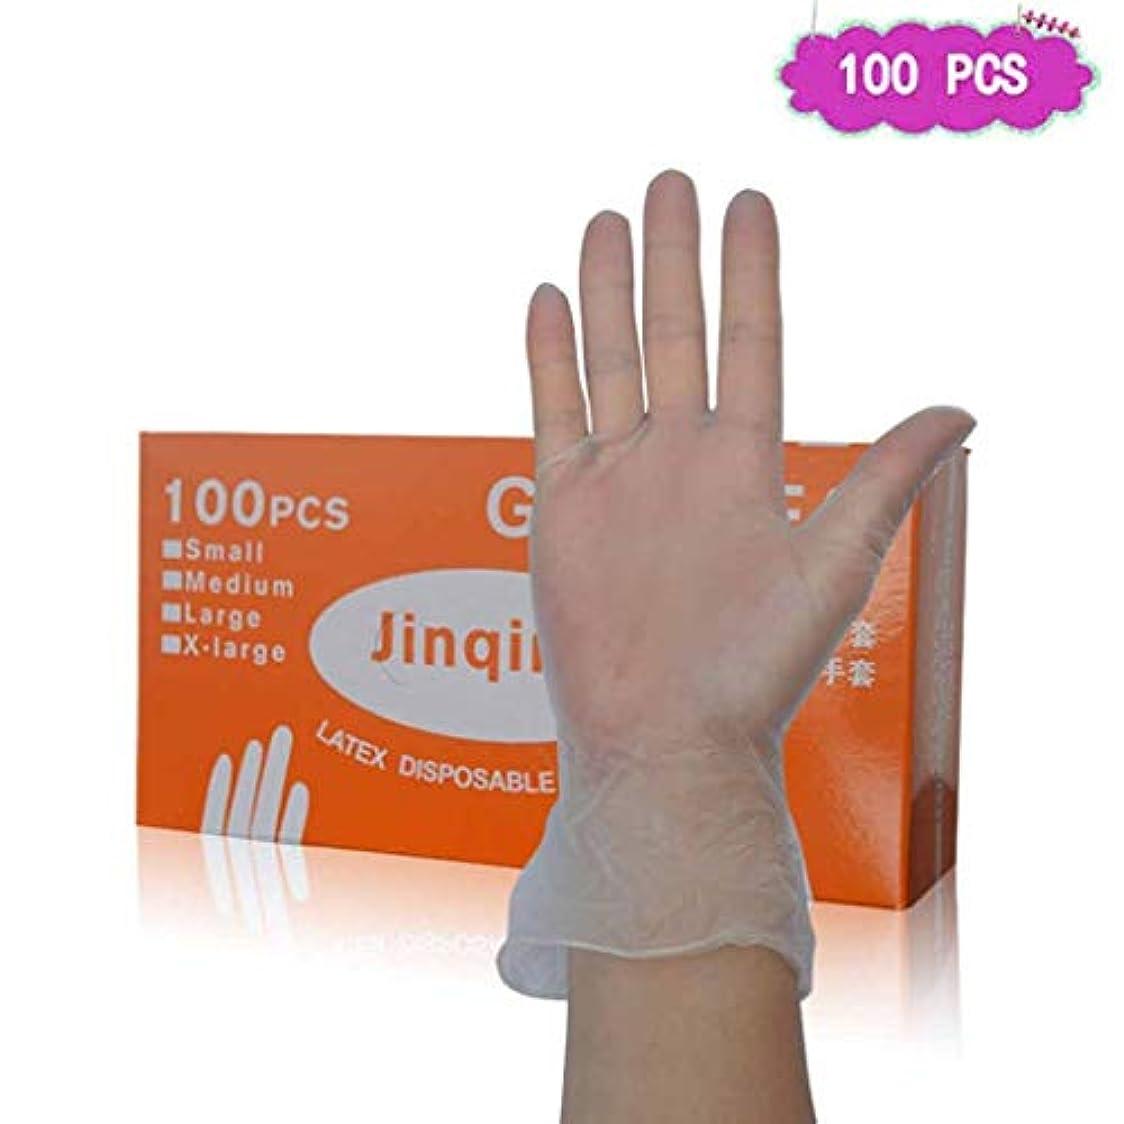 ジョージハンブリーつばセンチメートル使い捨て手袋ゴム研究所帯電防止および耐油性PVC手袋フィルムケータリングラテックス実験、美容院ラテックスフリー、パウダーフリー、両手利き、100個 (Size : L)